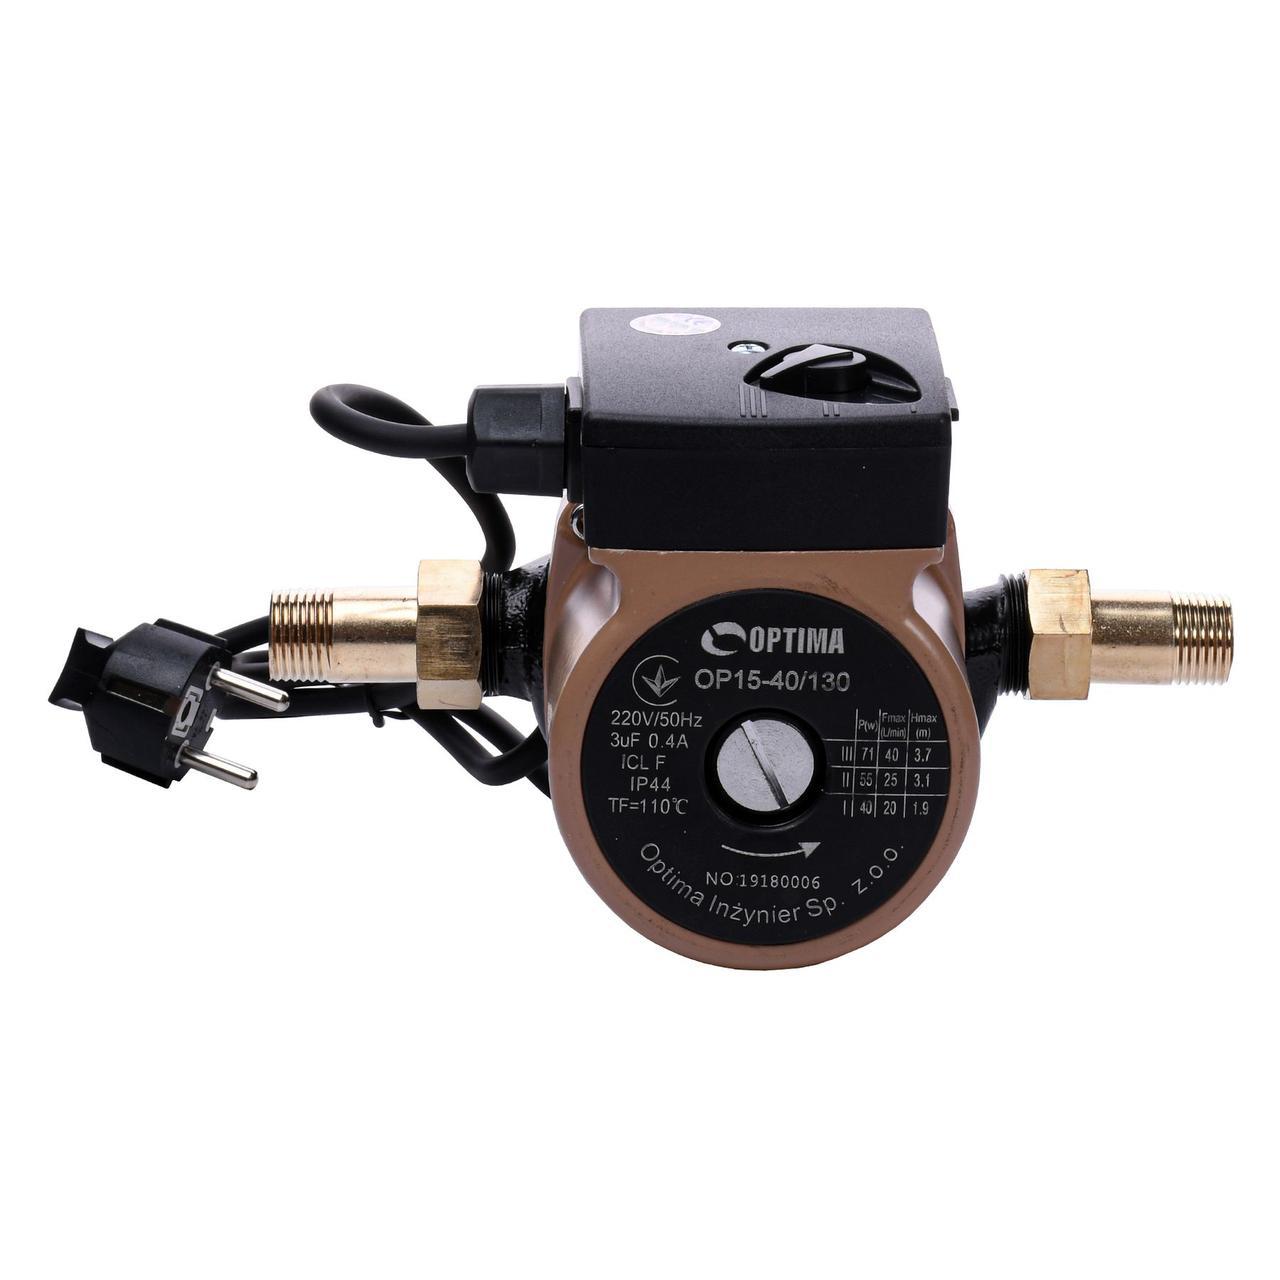 Насос циркуляционный Optima OP15-40 130 мм + гайки + кабель с вилкой